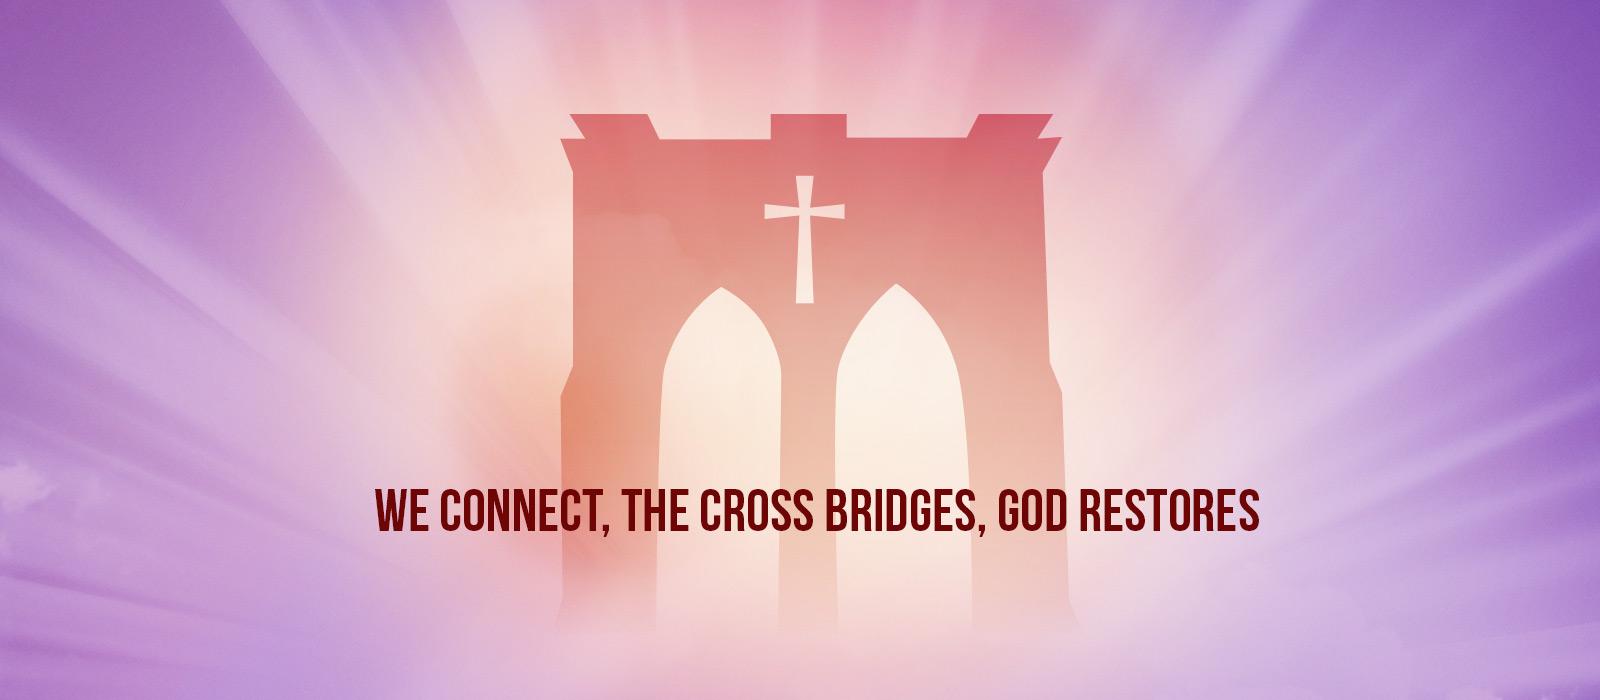 GOD-RESTORES